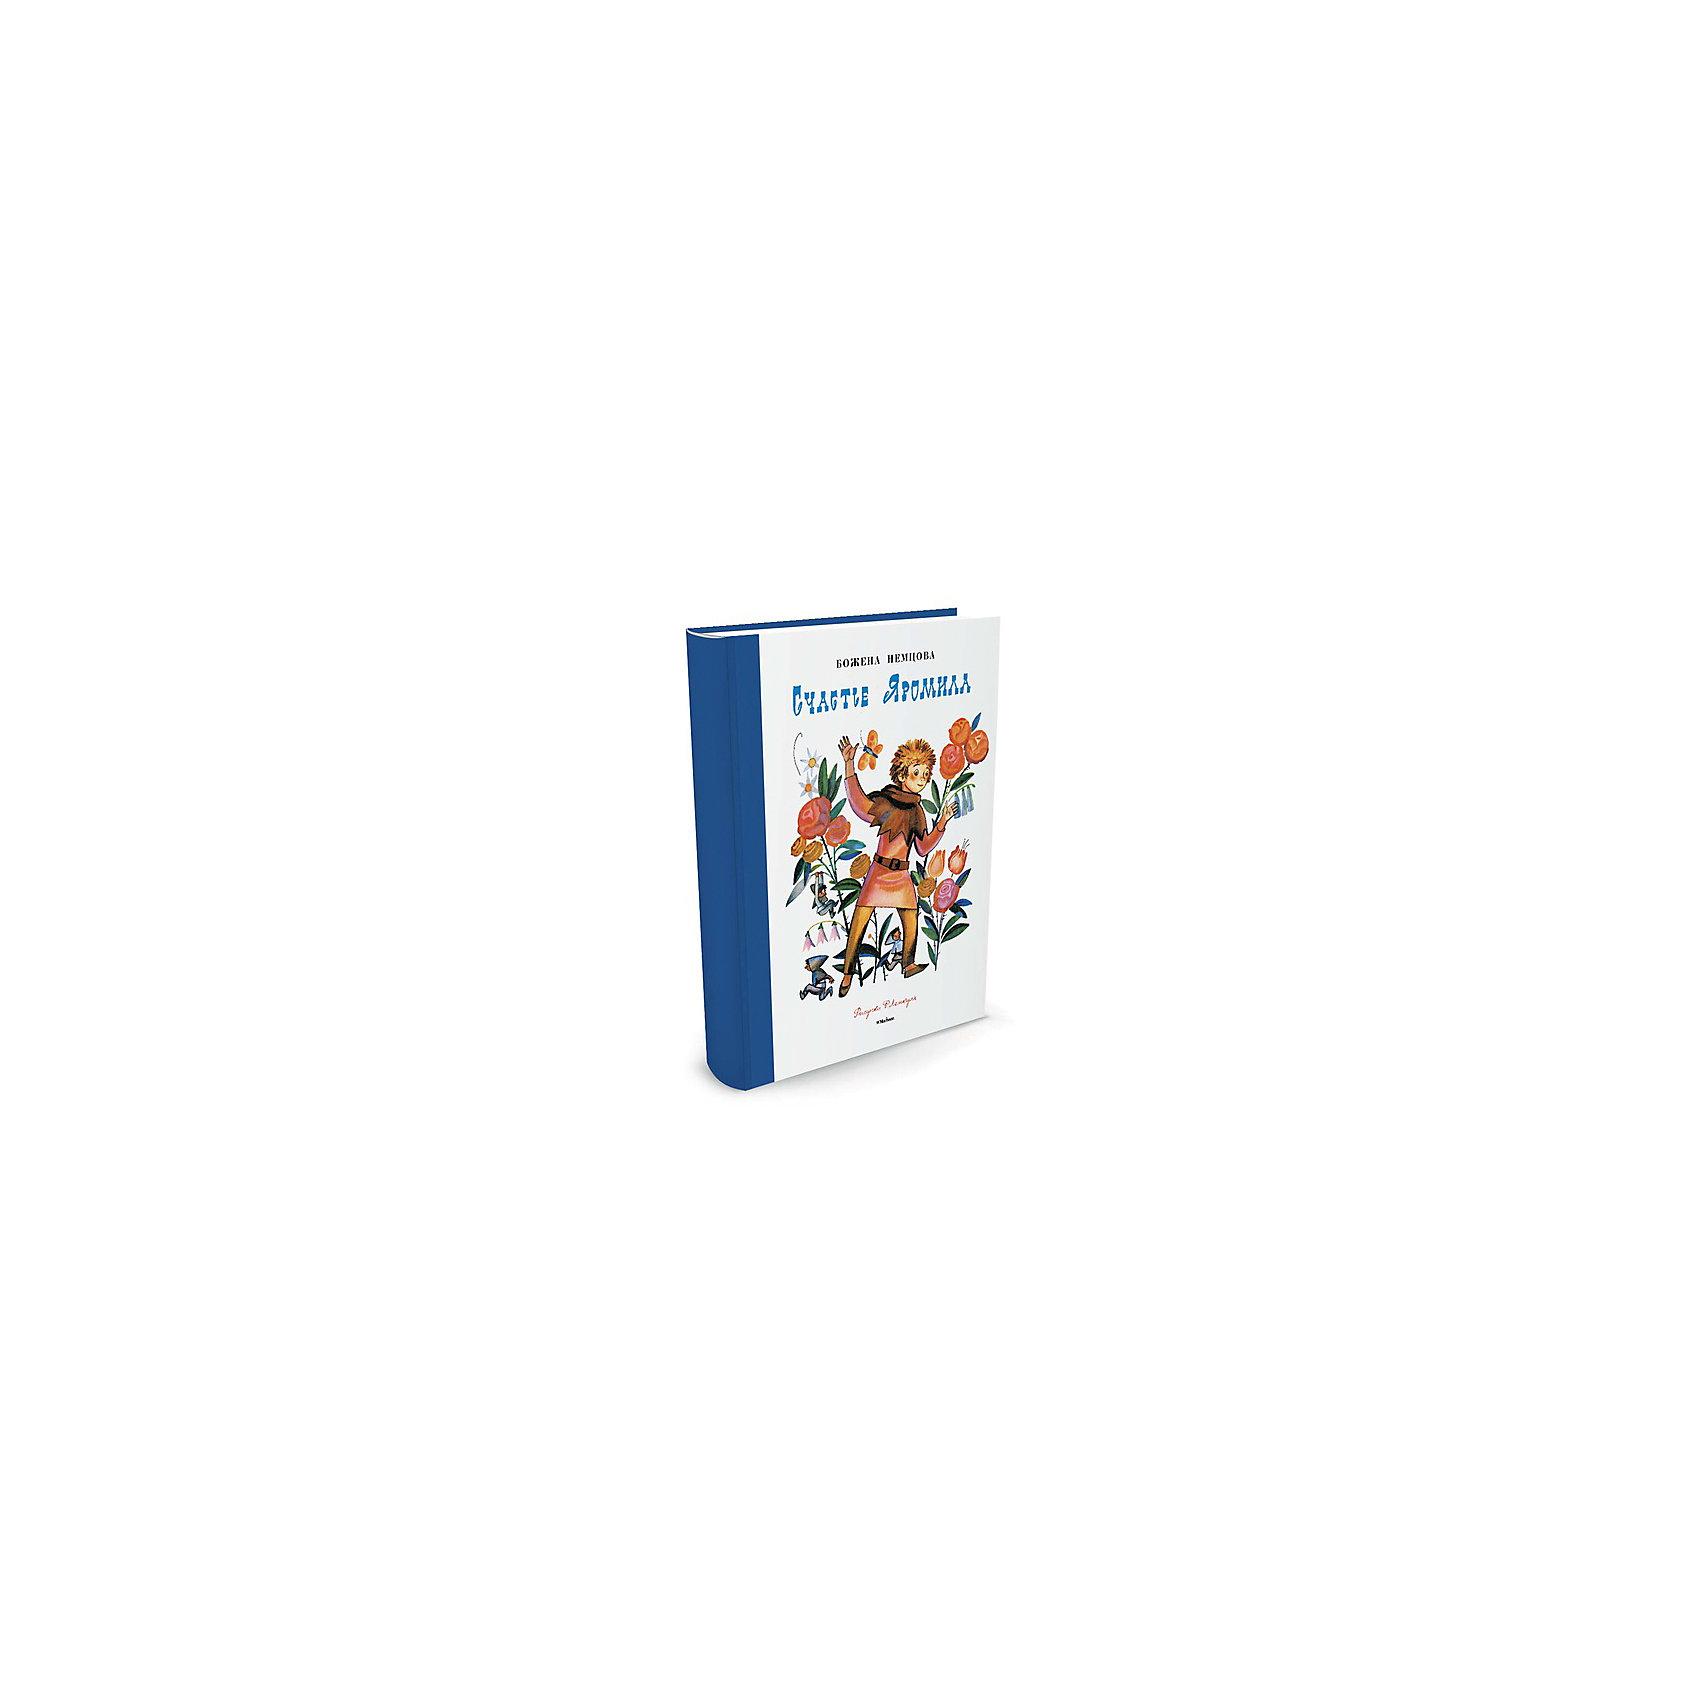 Сказка Счастье ЯромилаБожена Немцова, знаменитая чешская писательница XIX века, открыла для нас удивительный и своеобразный мир фольклора. Сказки в её обработке считаются классикой европейской литературы. По некоторым произведениям Б. Немцовой сняты фильмы. Самый известный и любимый многими поколениями детей – чудесный, красивый и трогательный фильм-сказка «Три орешка для Золушки». Ф?дор Лемкуль, уже давно получивший признание мастера иллюстрации, всю жизнь посвятил работе над детскими книгами. Он не просто проиллюстрировал более 130 изданий, он создал неповторимые шедевры – яркие, т?плые, точные. Живые иллюстрации Фёдора Лемкуля органично переплетаются с не менее живыми текстами Божены Немцовой, создавая неповторимый рисунок фольклорных произведений. Иллюстрации здесь не дополняют текст, а сливаются с ним и создают удивительный мир, где всё стремится к счастью.<br><br>Ширина мм: 262<br>Глубина мм: 203<br>Высота мм: 70<br>Вес г: 315<br>Возраст от месяцев: 84<br>Возраст до месяцев: 120<br>Пол: Унисекс<br>Возраст: Детский<br>SKU: 5493440